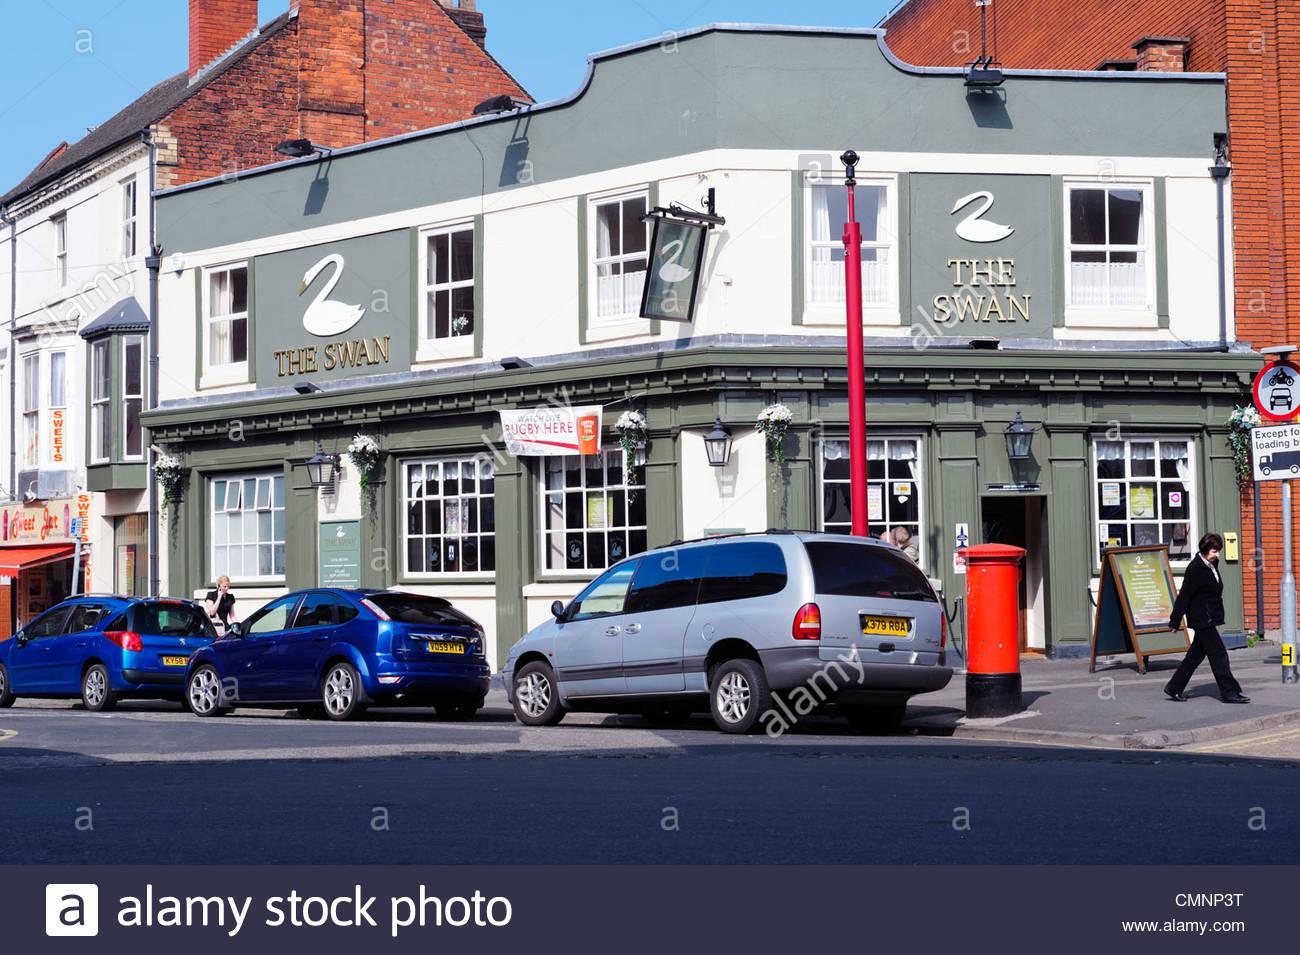 The Swan inn pub in Kidderminster, UK. - Stock Image